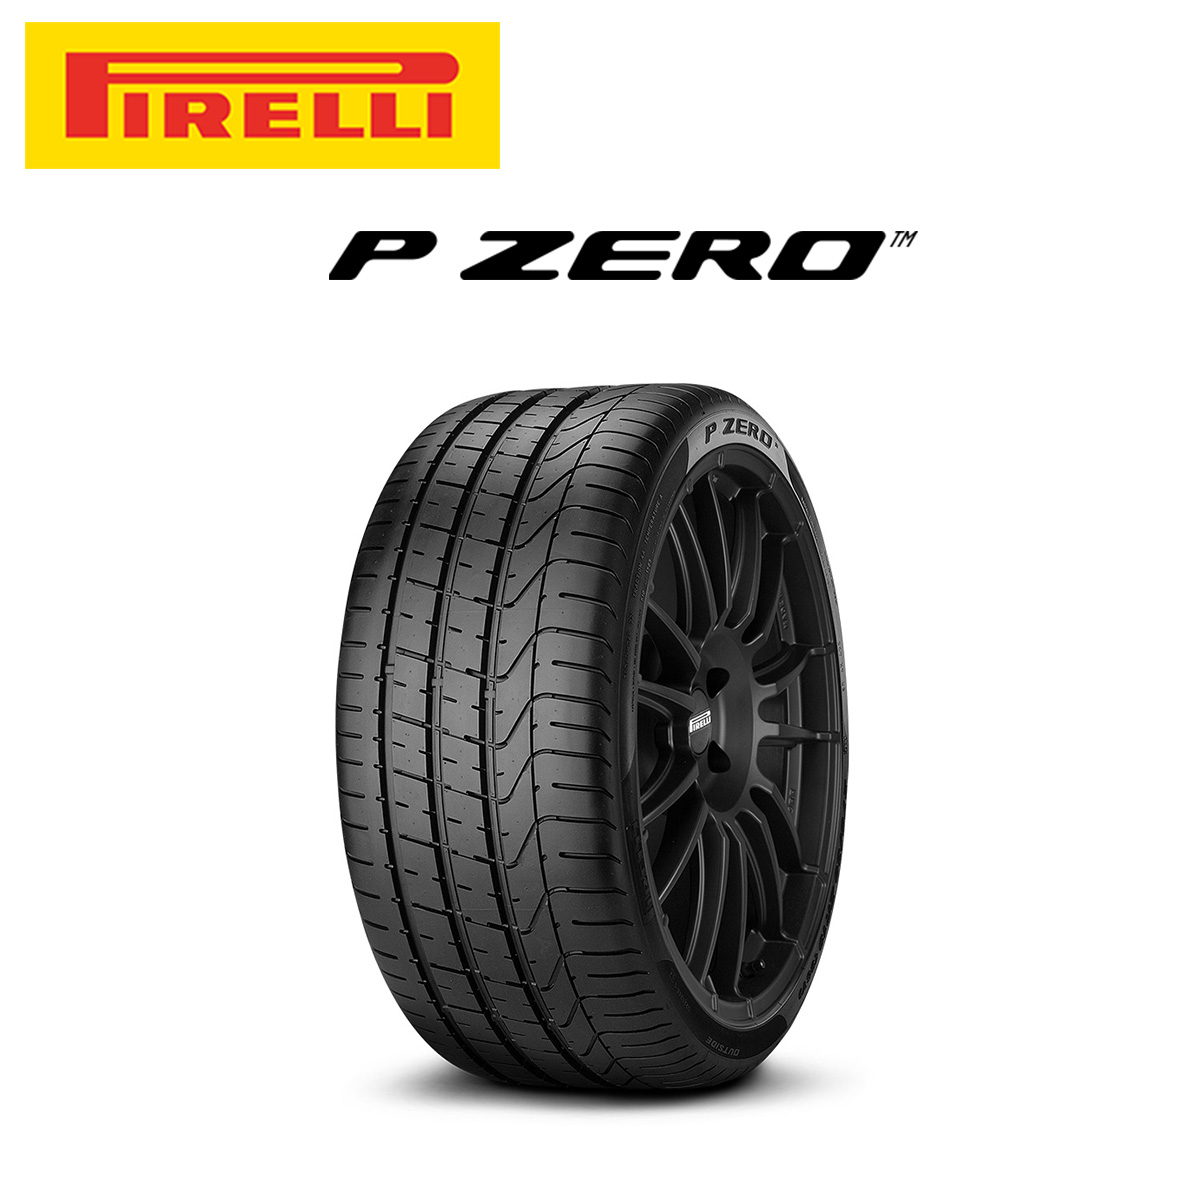 ピレリ PIRELLI P ZERO ピーゼロ 19インチ サマー タイヤ 4本 セット 265/50R19 110Y XL N0:ポルシェ承認タイヤ 1804000